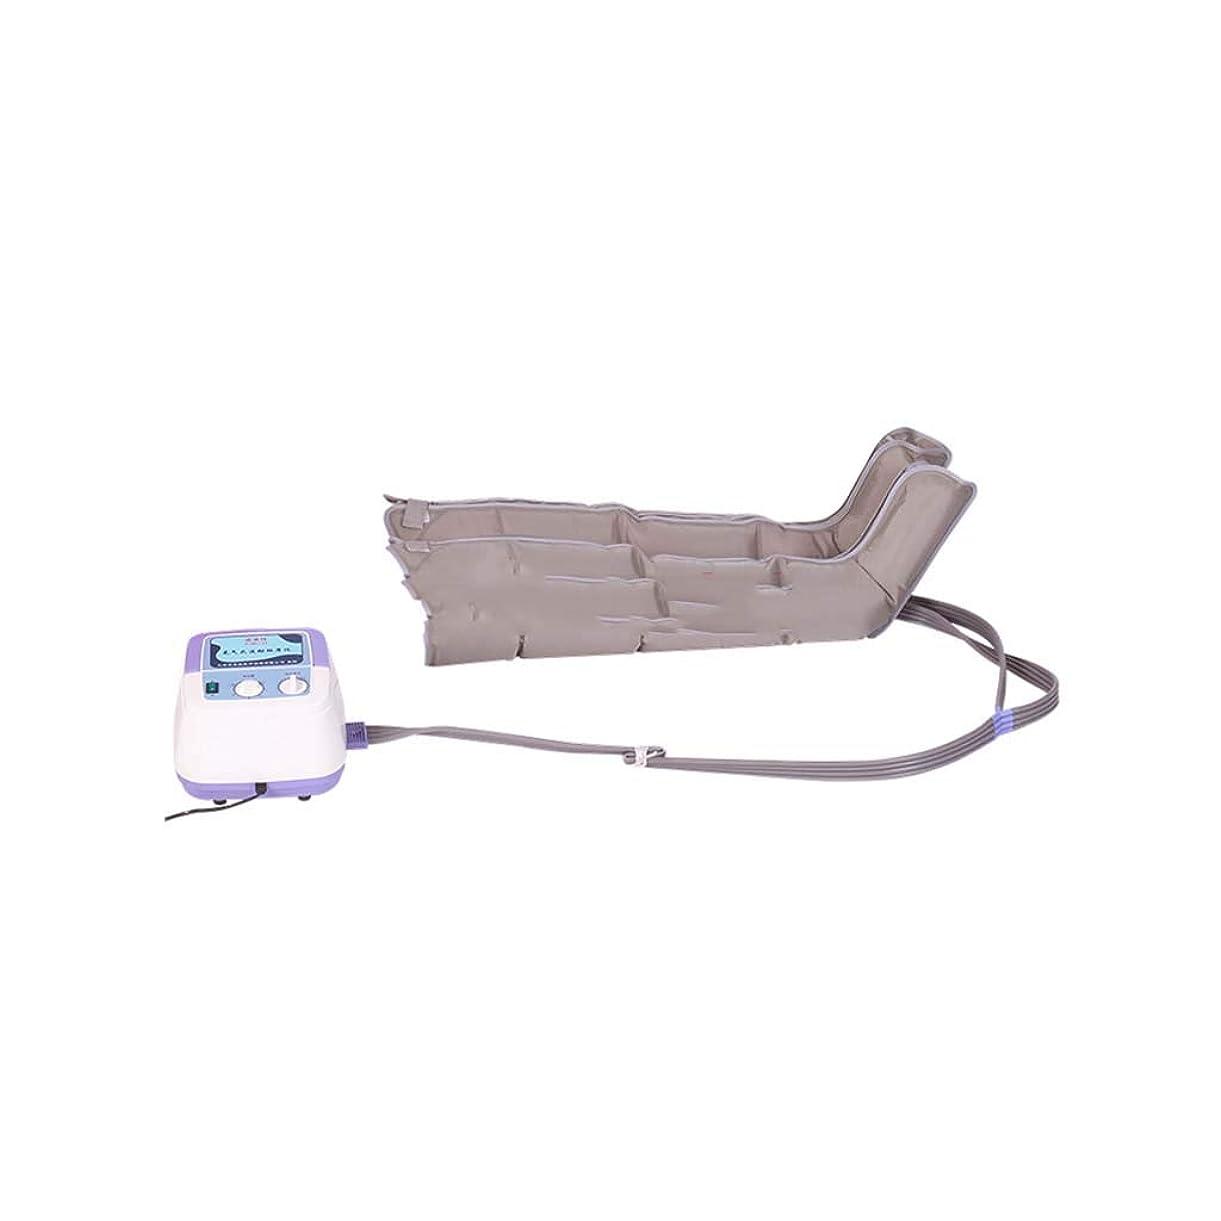 またはピンポイントサーカスYhz@ 気圧循環マッサージ療法器静脈瘤リンパ浮腫片麻痺下肢マッサージ